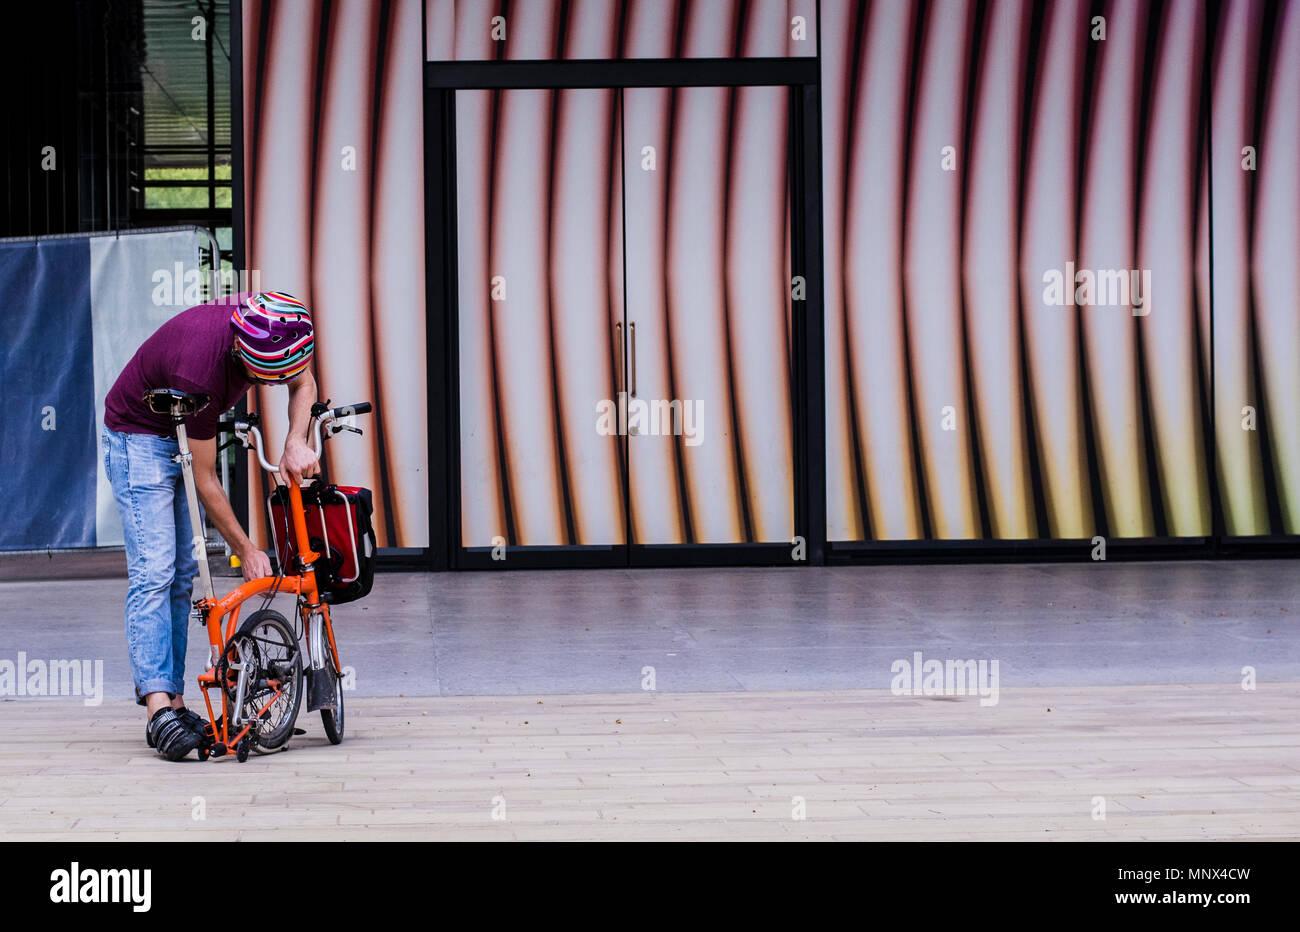 Hombre que llevaba un colorido unforlding stripey casco de bicicleta bicicleta plegable contra un fondo stripey en Kings Cross, Londres, Inglaterra, Reino Unido. Imagen De Stock